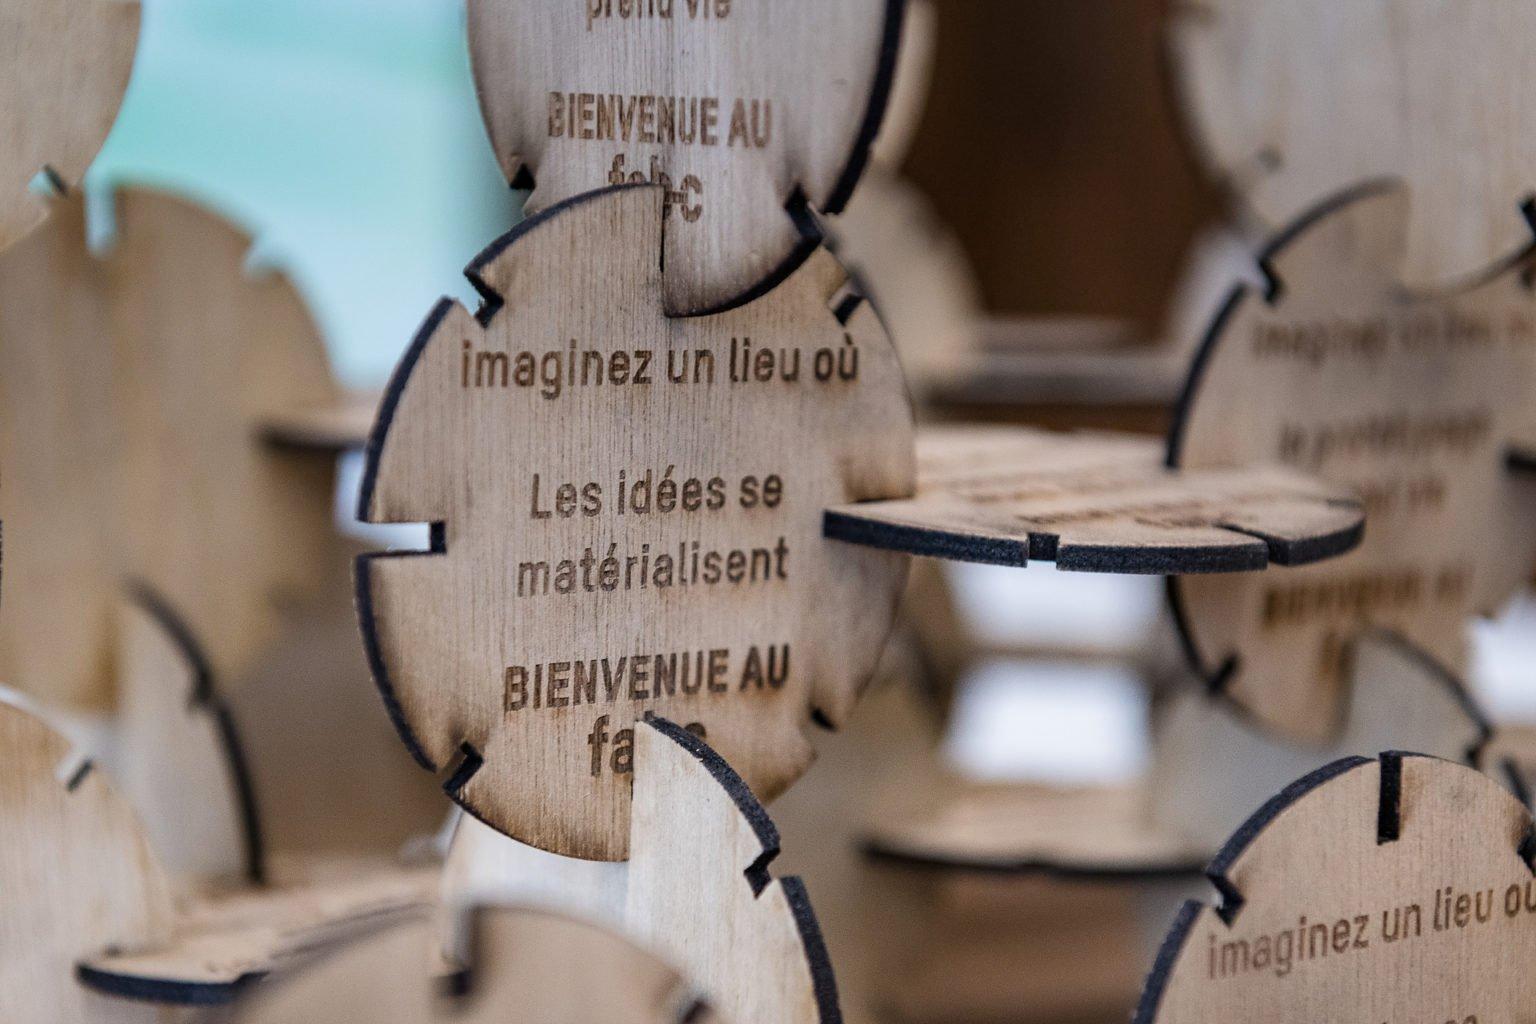 """""""Bienvenue au Fab-c"""", inauguration du FabLab de Charleroi, événement d'entreprise par Aurore Delsoir photographe d'entreprise à Bruxelles et en Wallonie"""